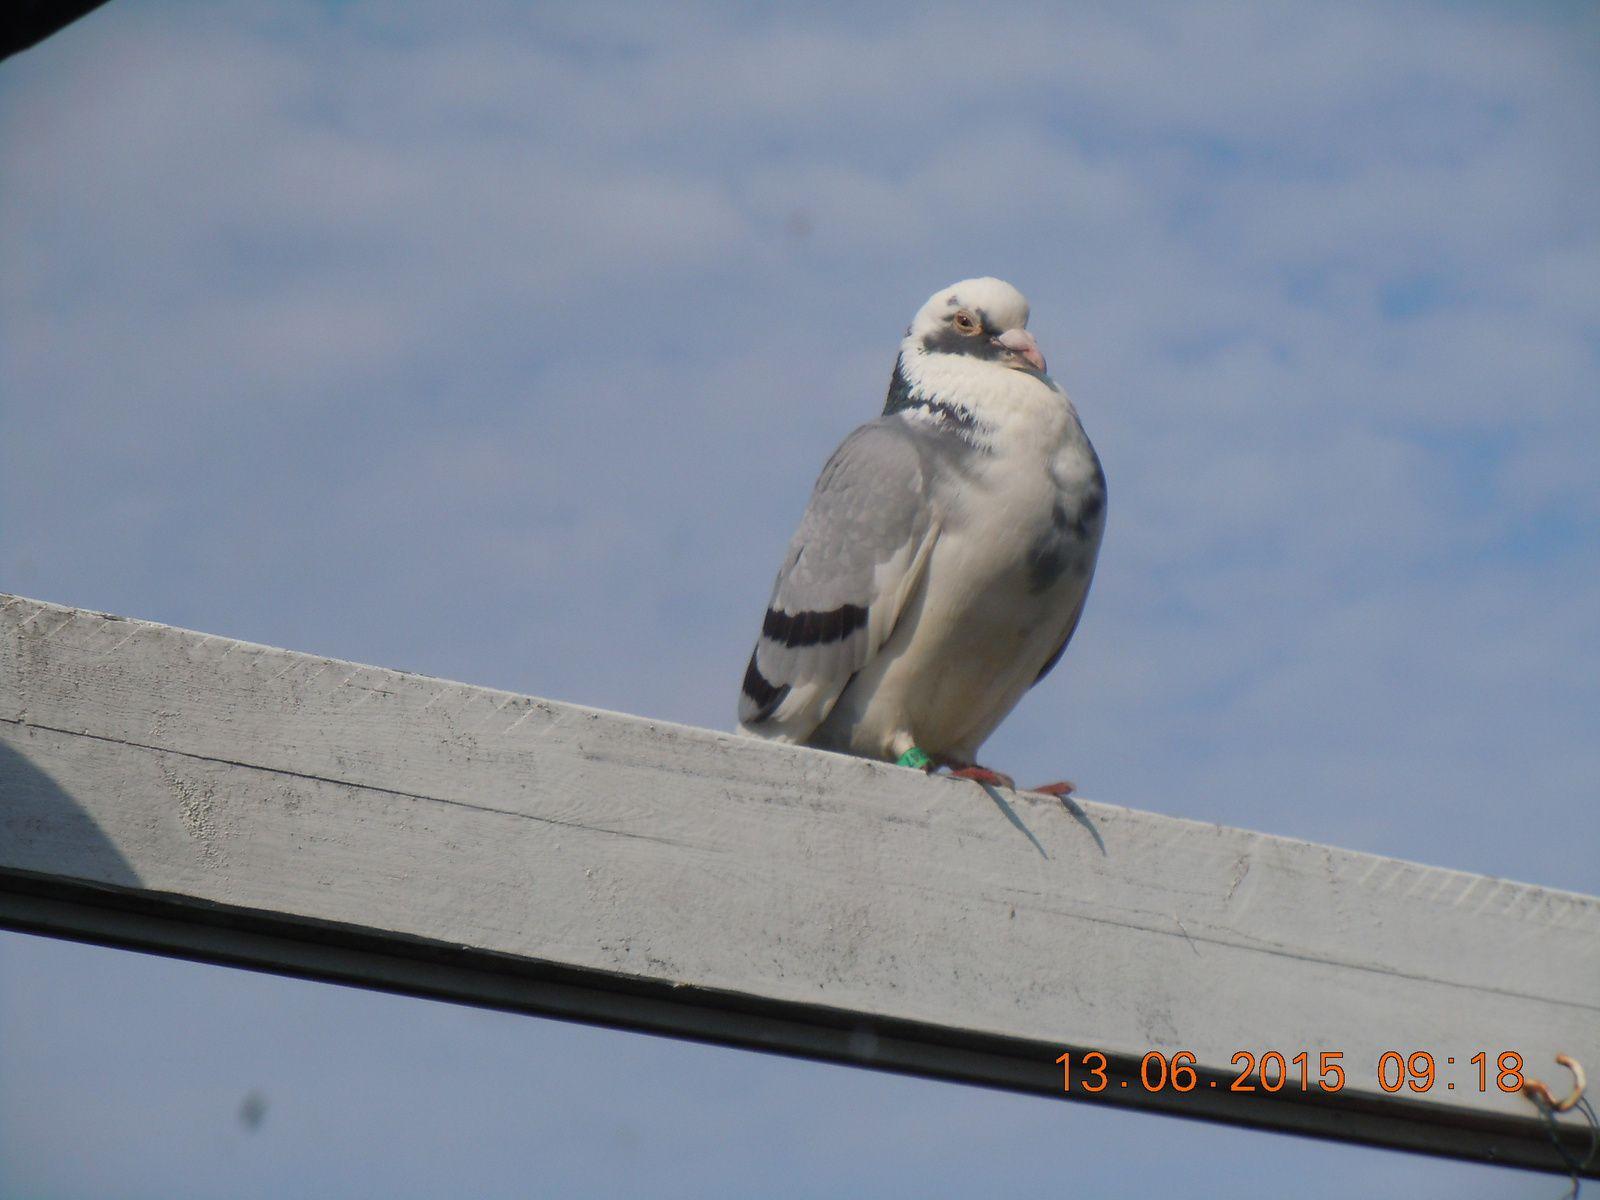 Le pigeon voyageur qui ne voulait pas rentrer chez lui